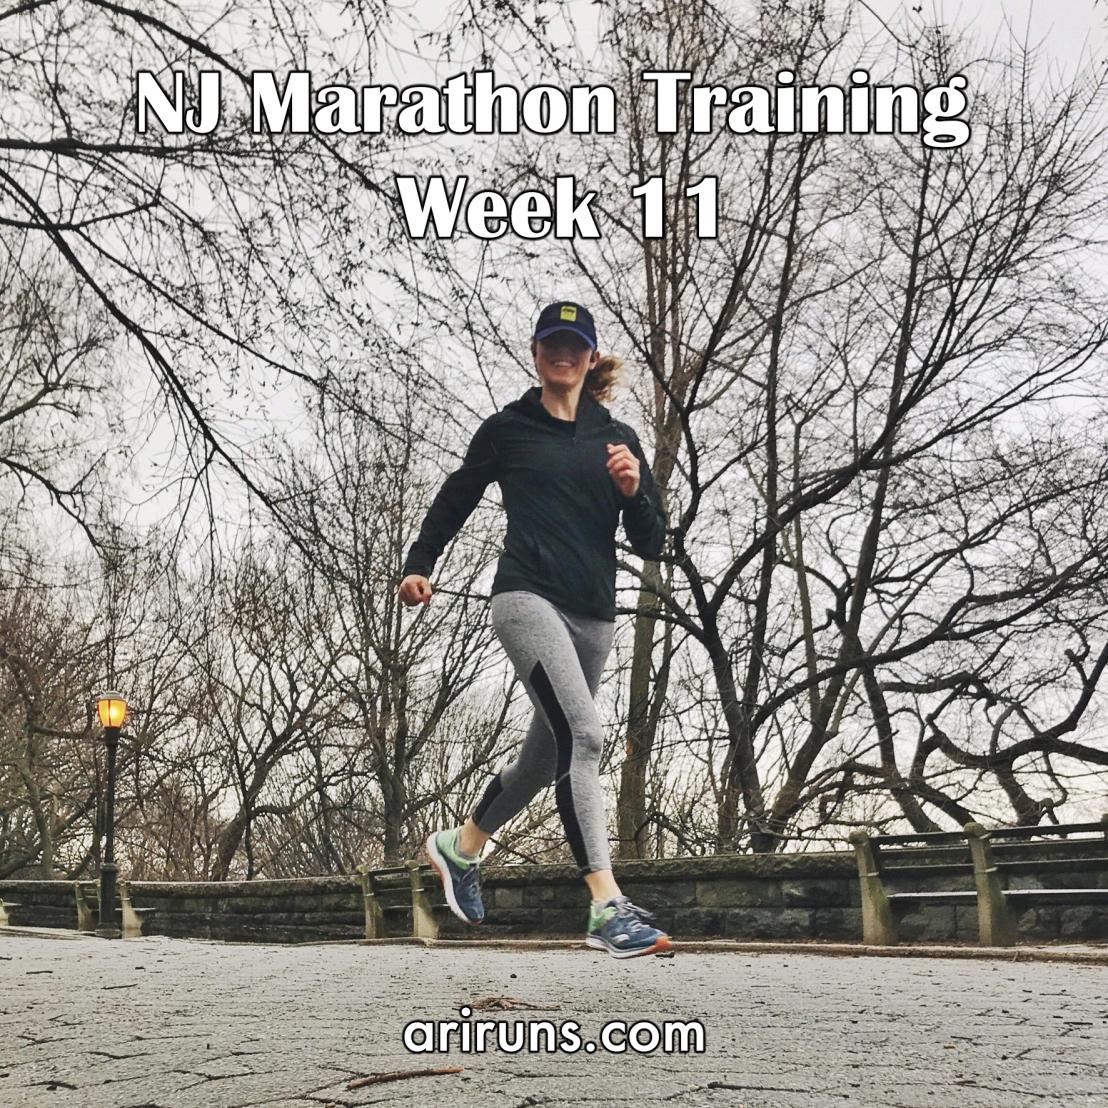 IMG_3854 NJ Marathon Training Week 11